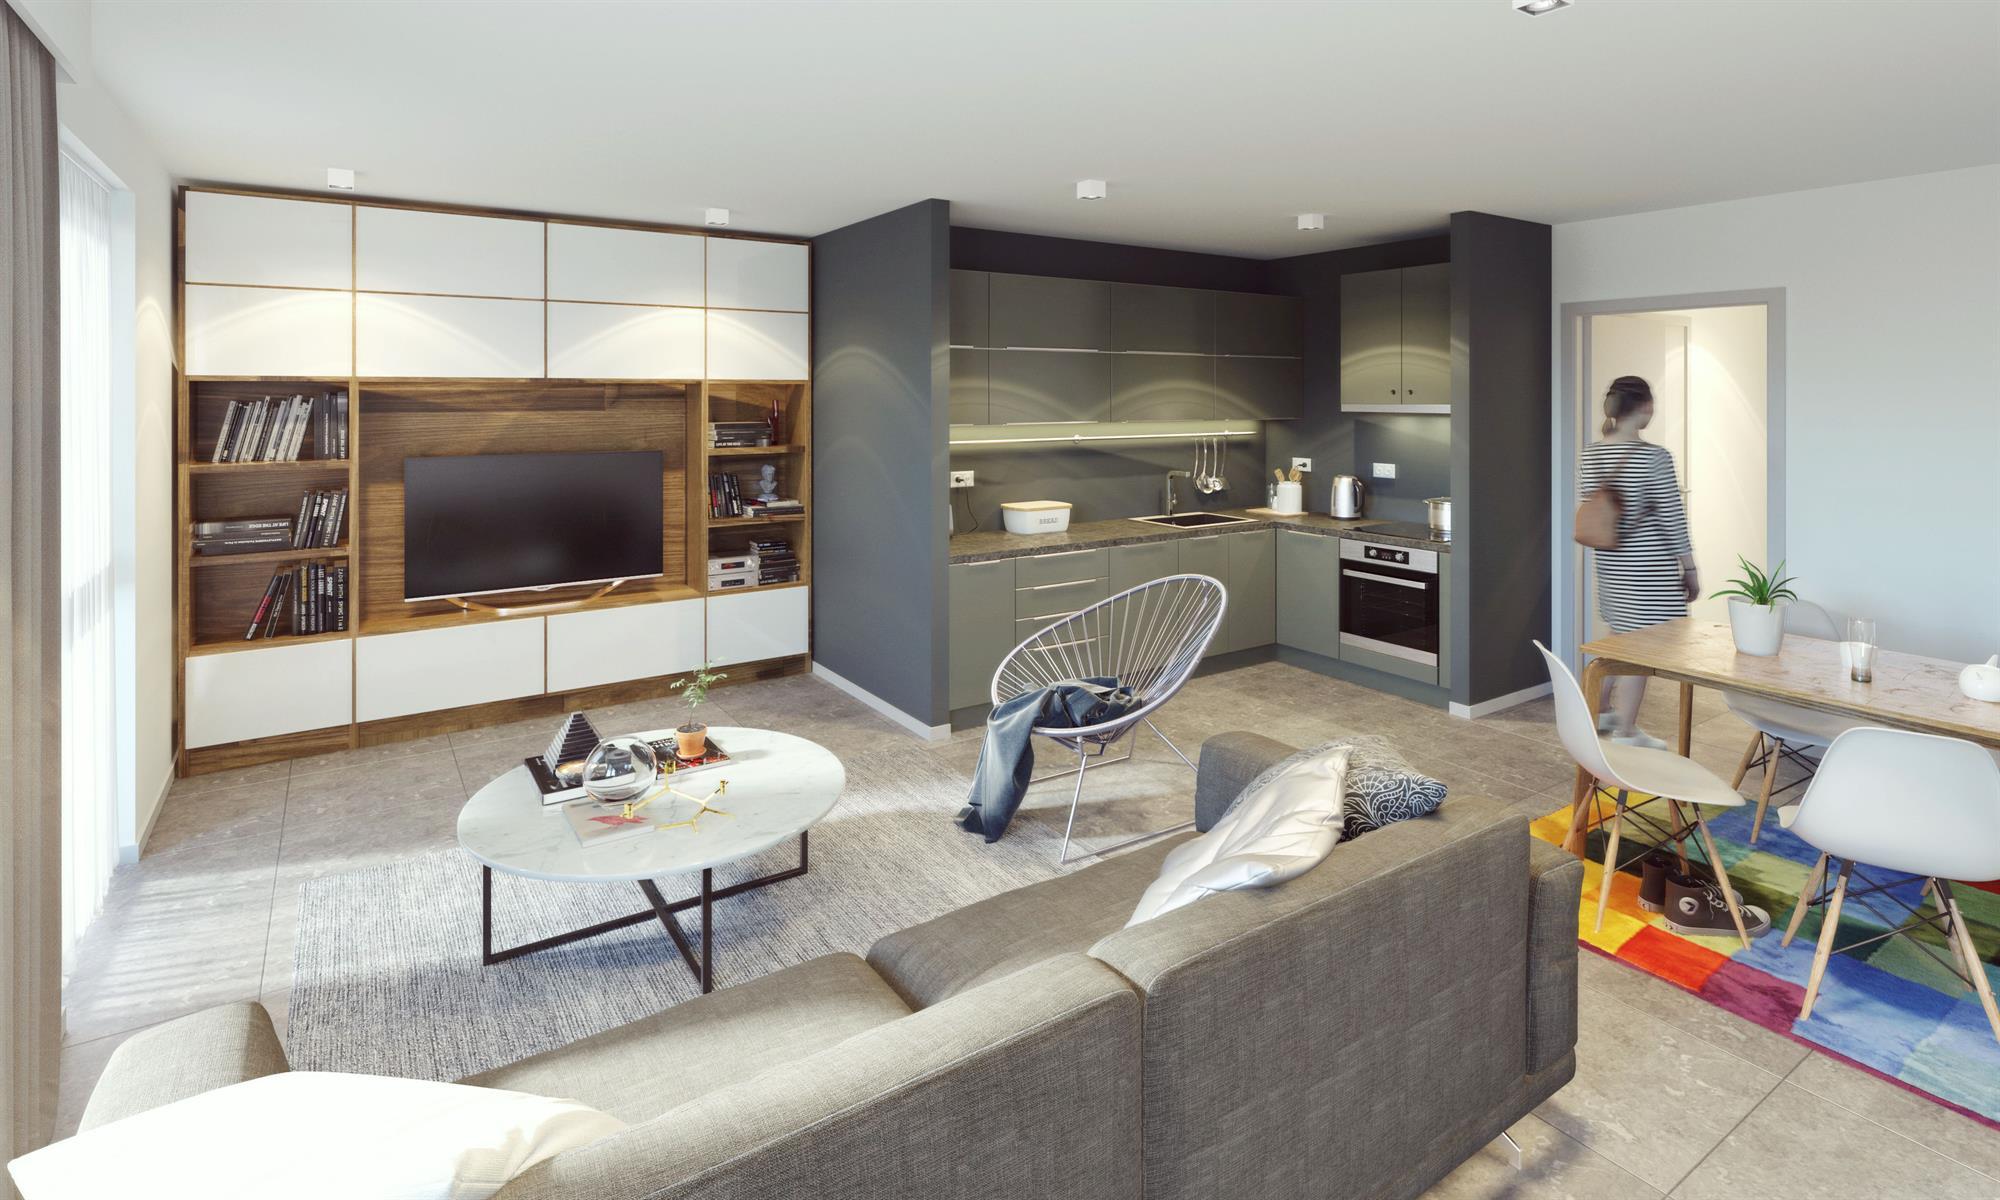 Ground floor with garden - Flemalle - #4197040-30